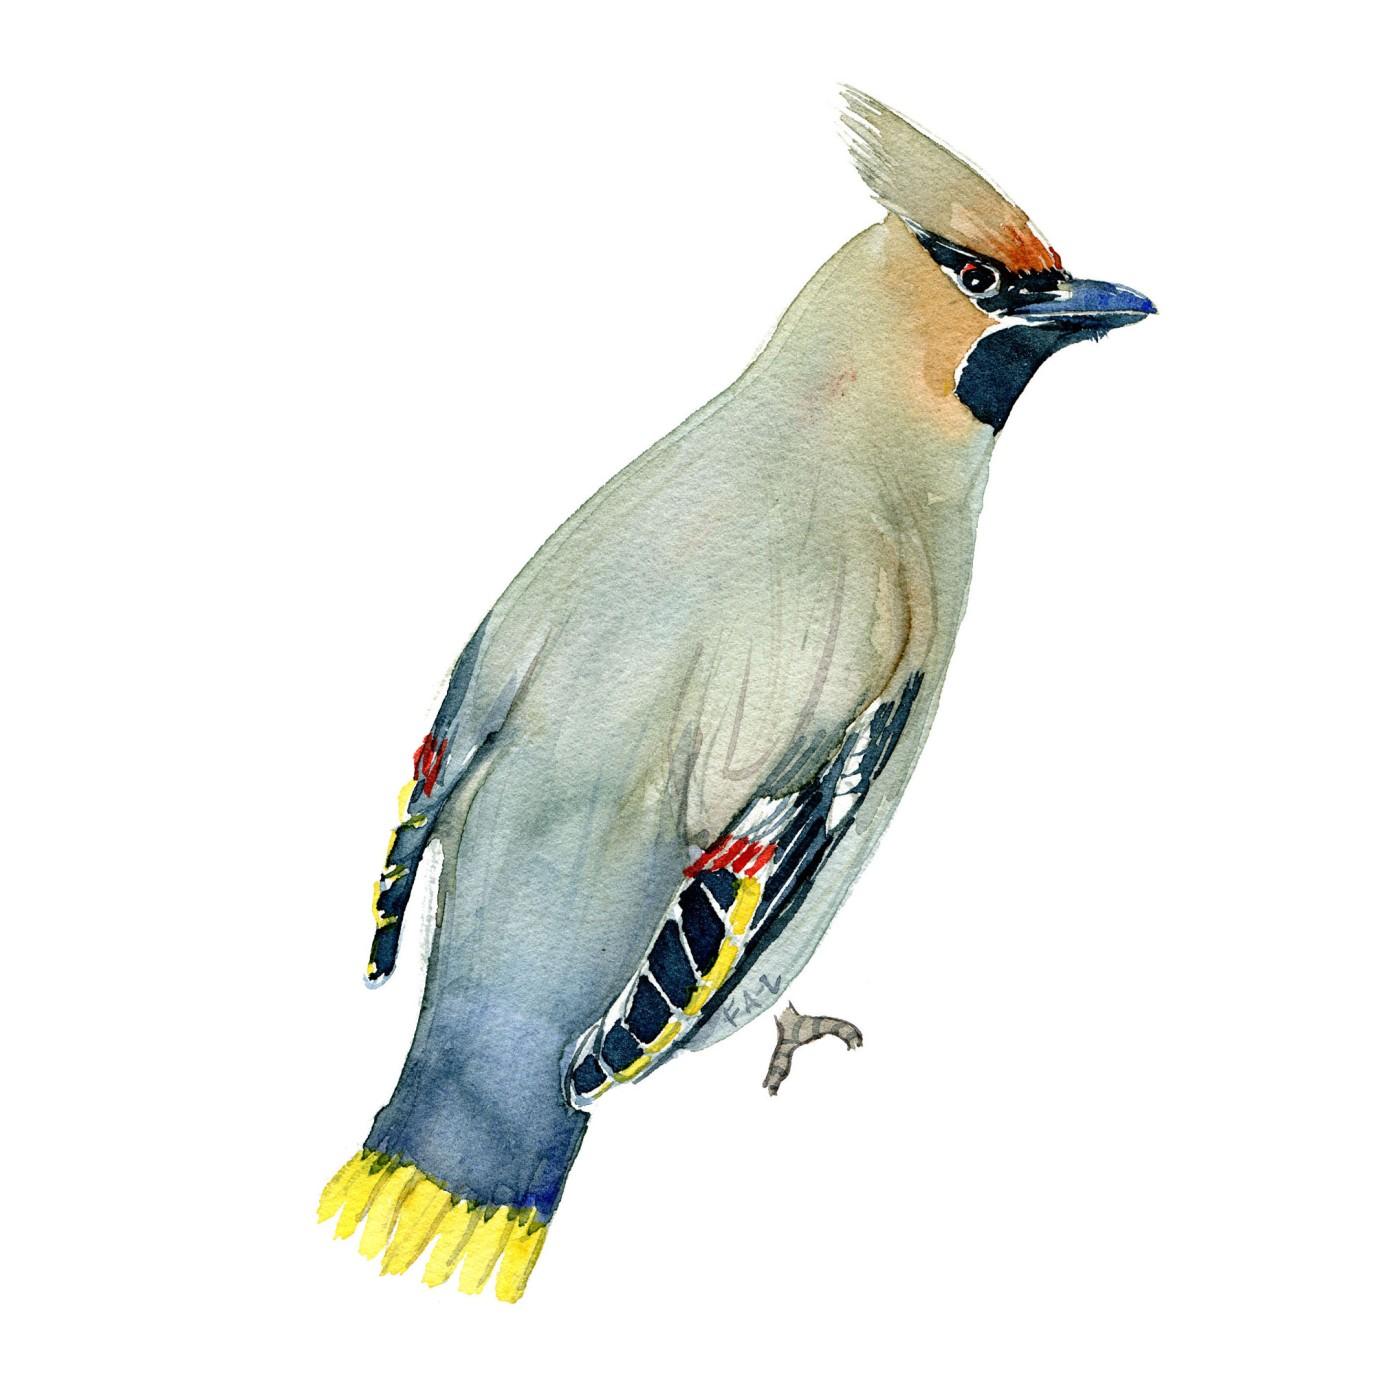 Silkehale fugl - Akvarel illustration af Frits Ahlefeldt, Biodiversitet i Danmark